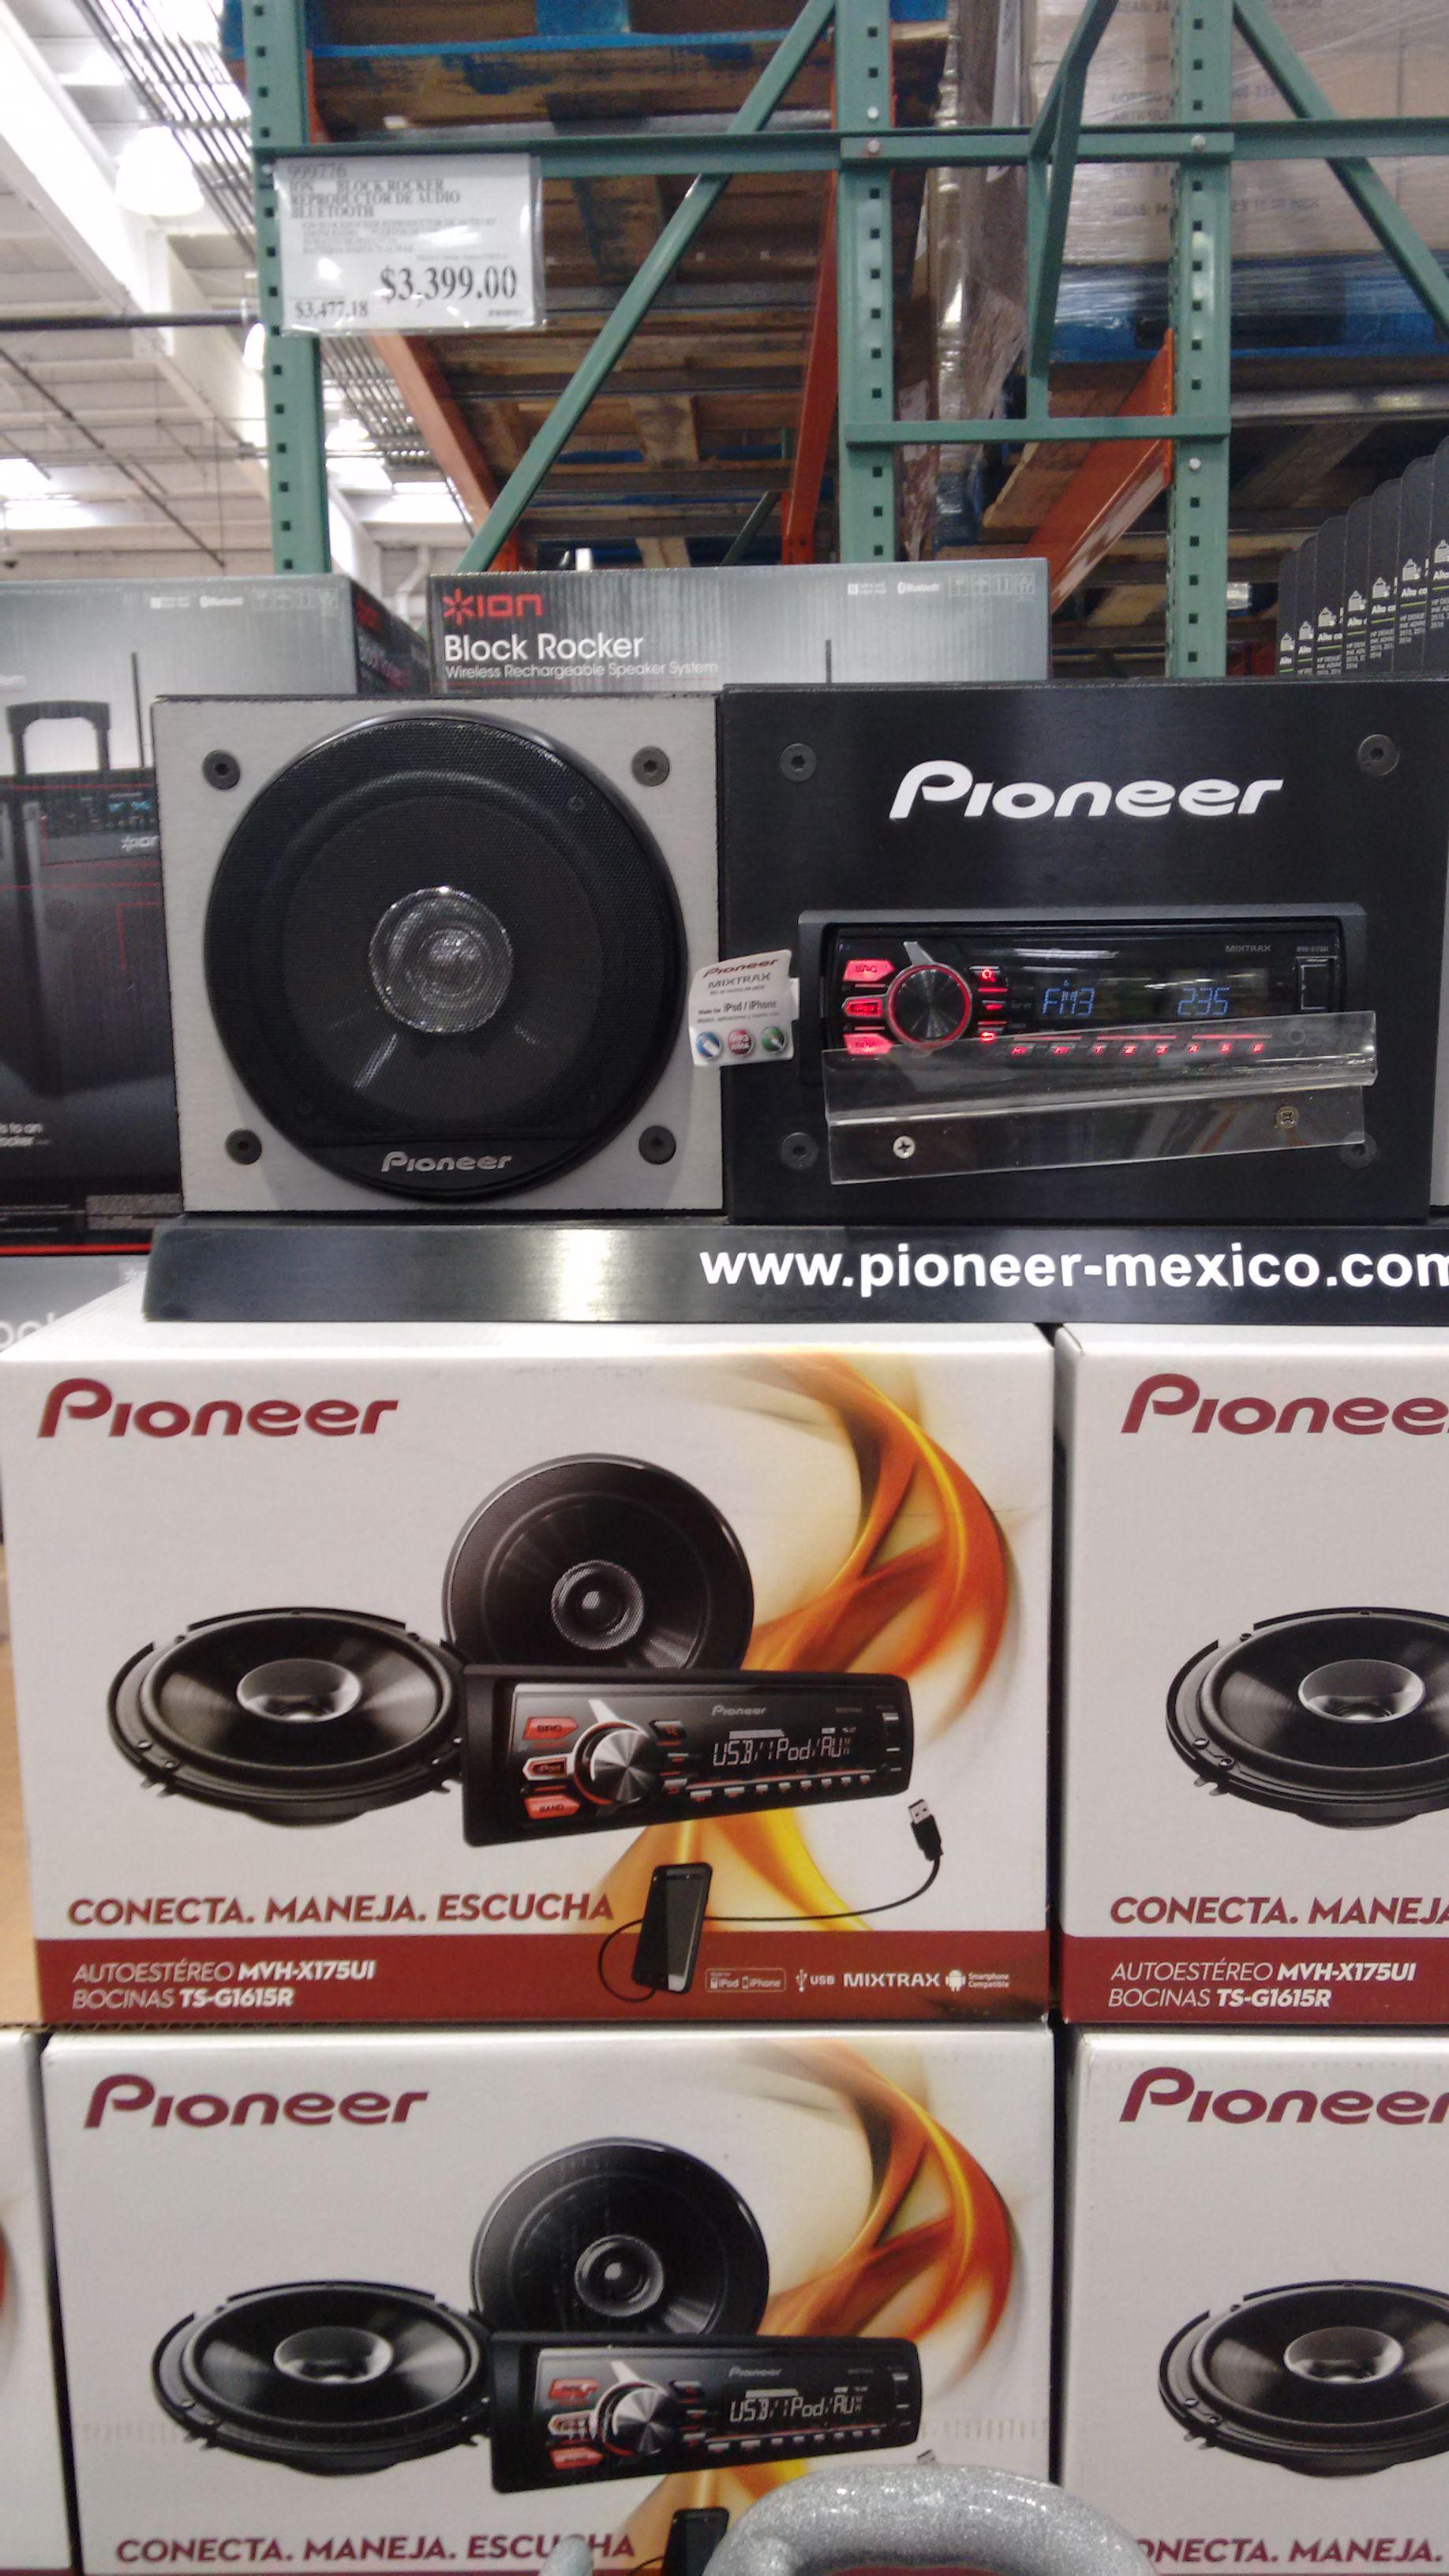 COSTCO: ESTEREO PIONEER CON BOCINAS a $1,099 Y AUDIFONOS PIONEER a $199